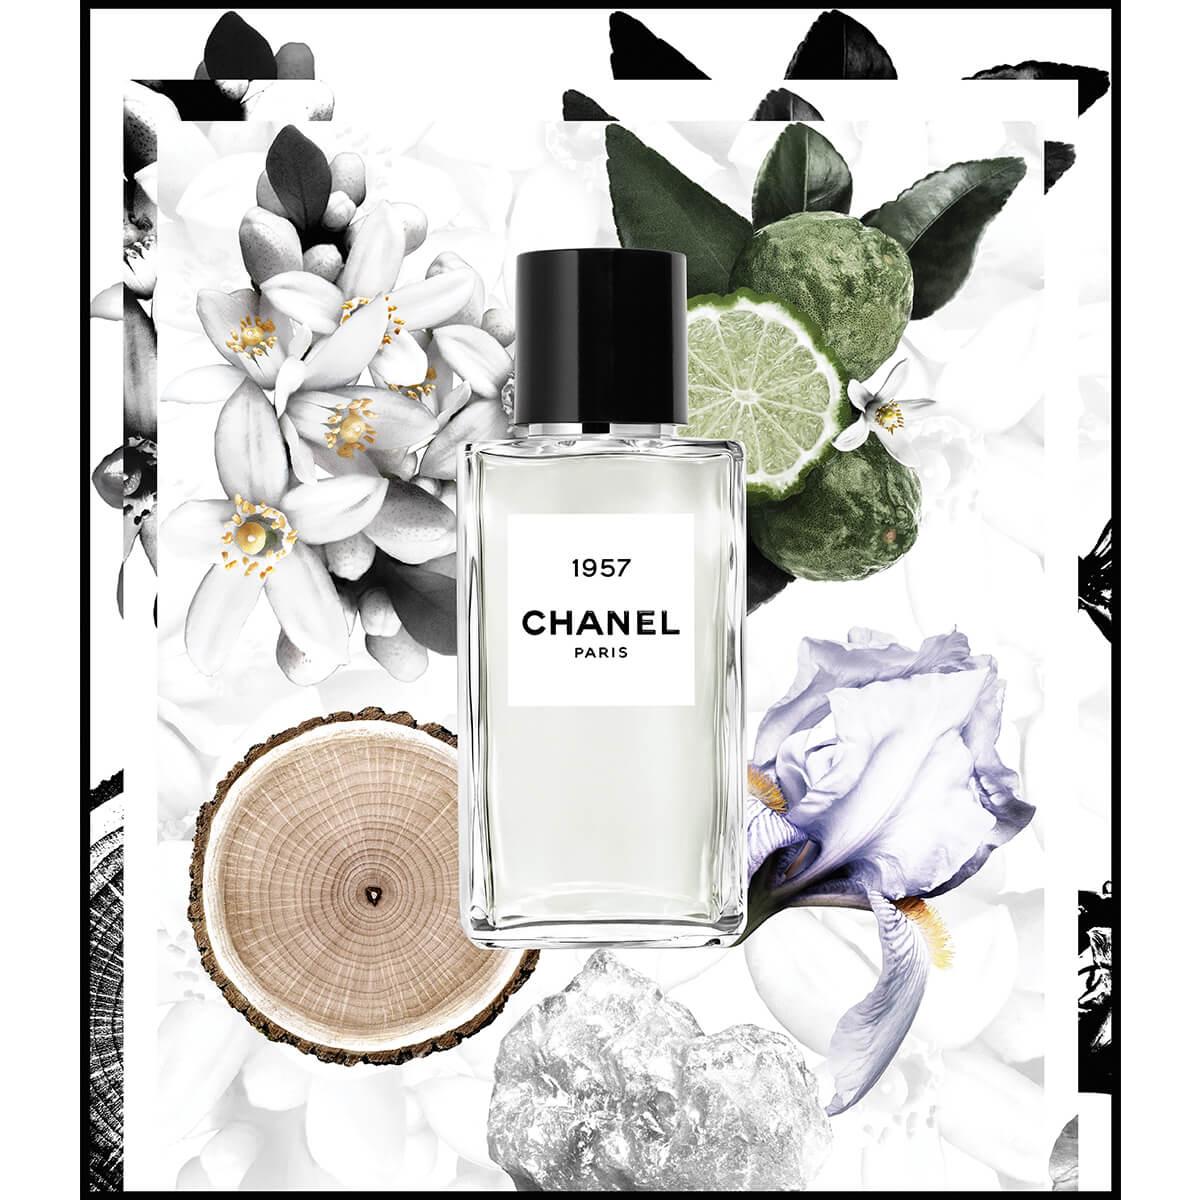 chanel-1957-1